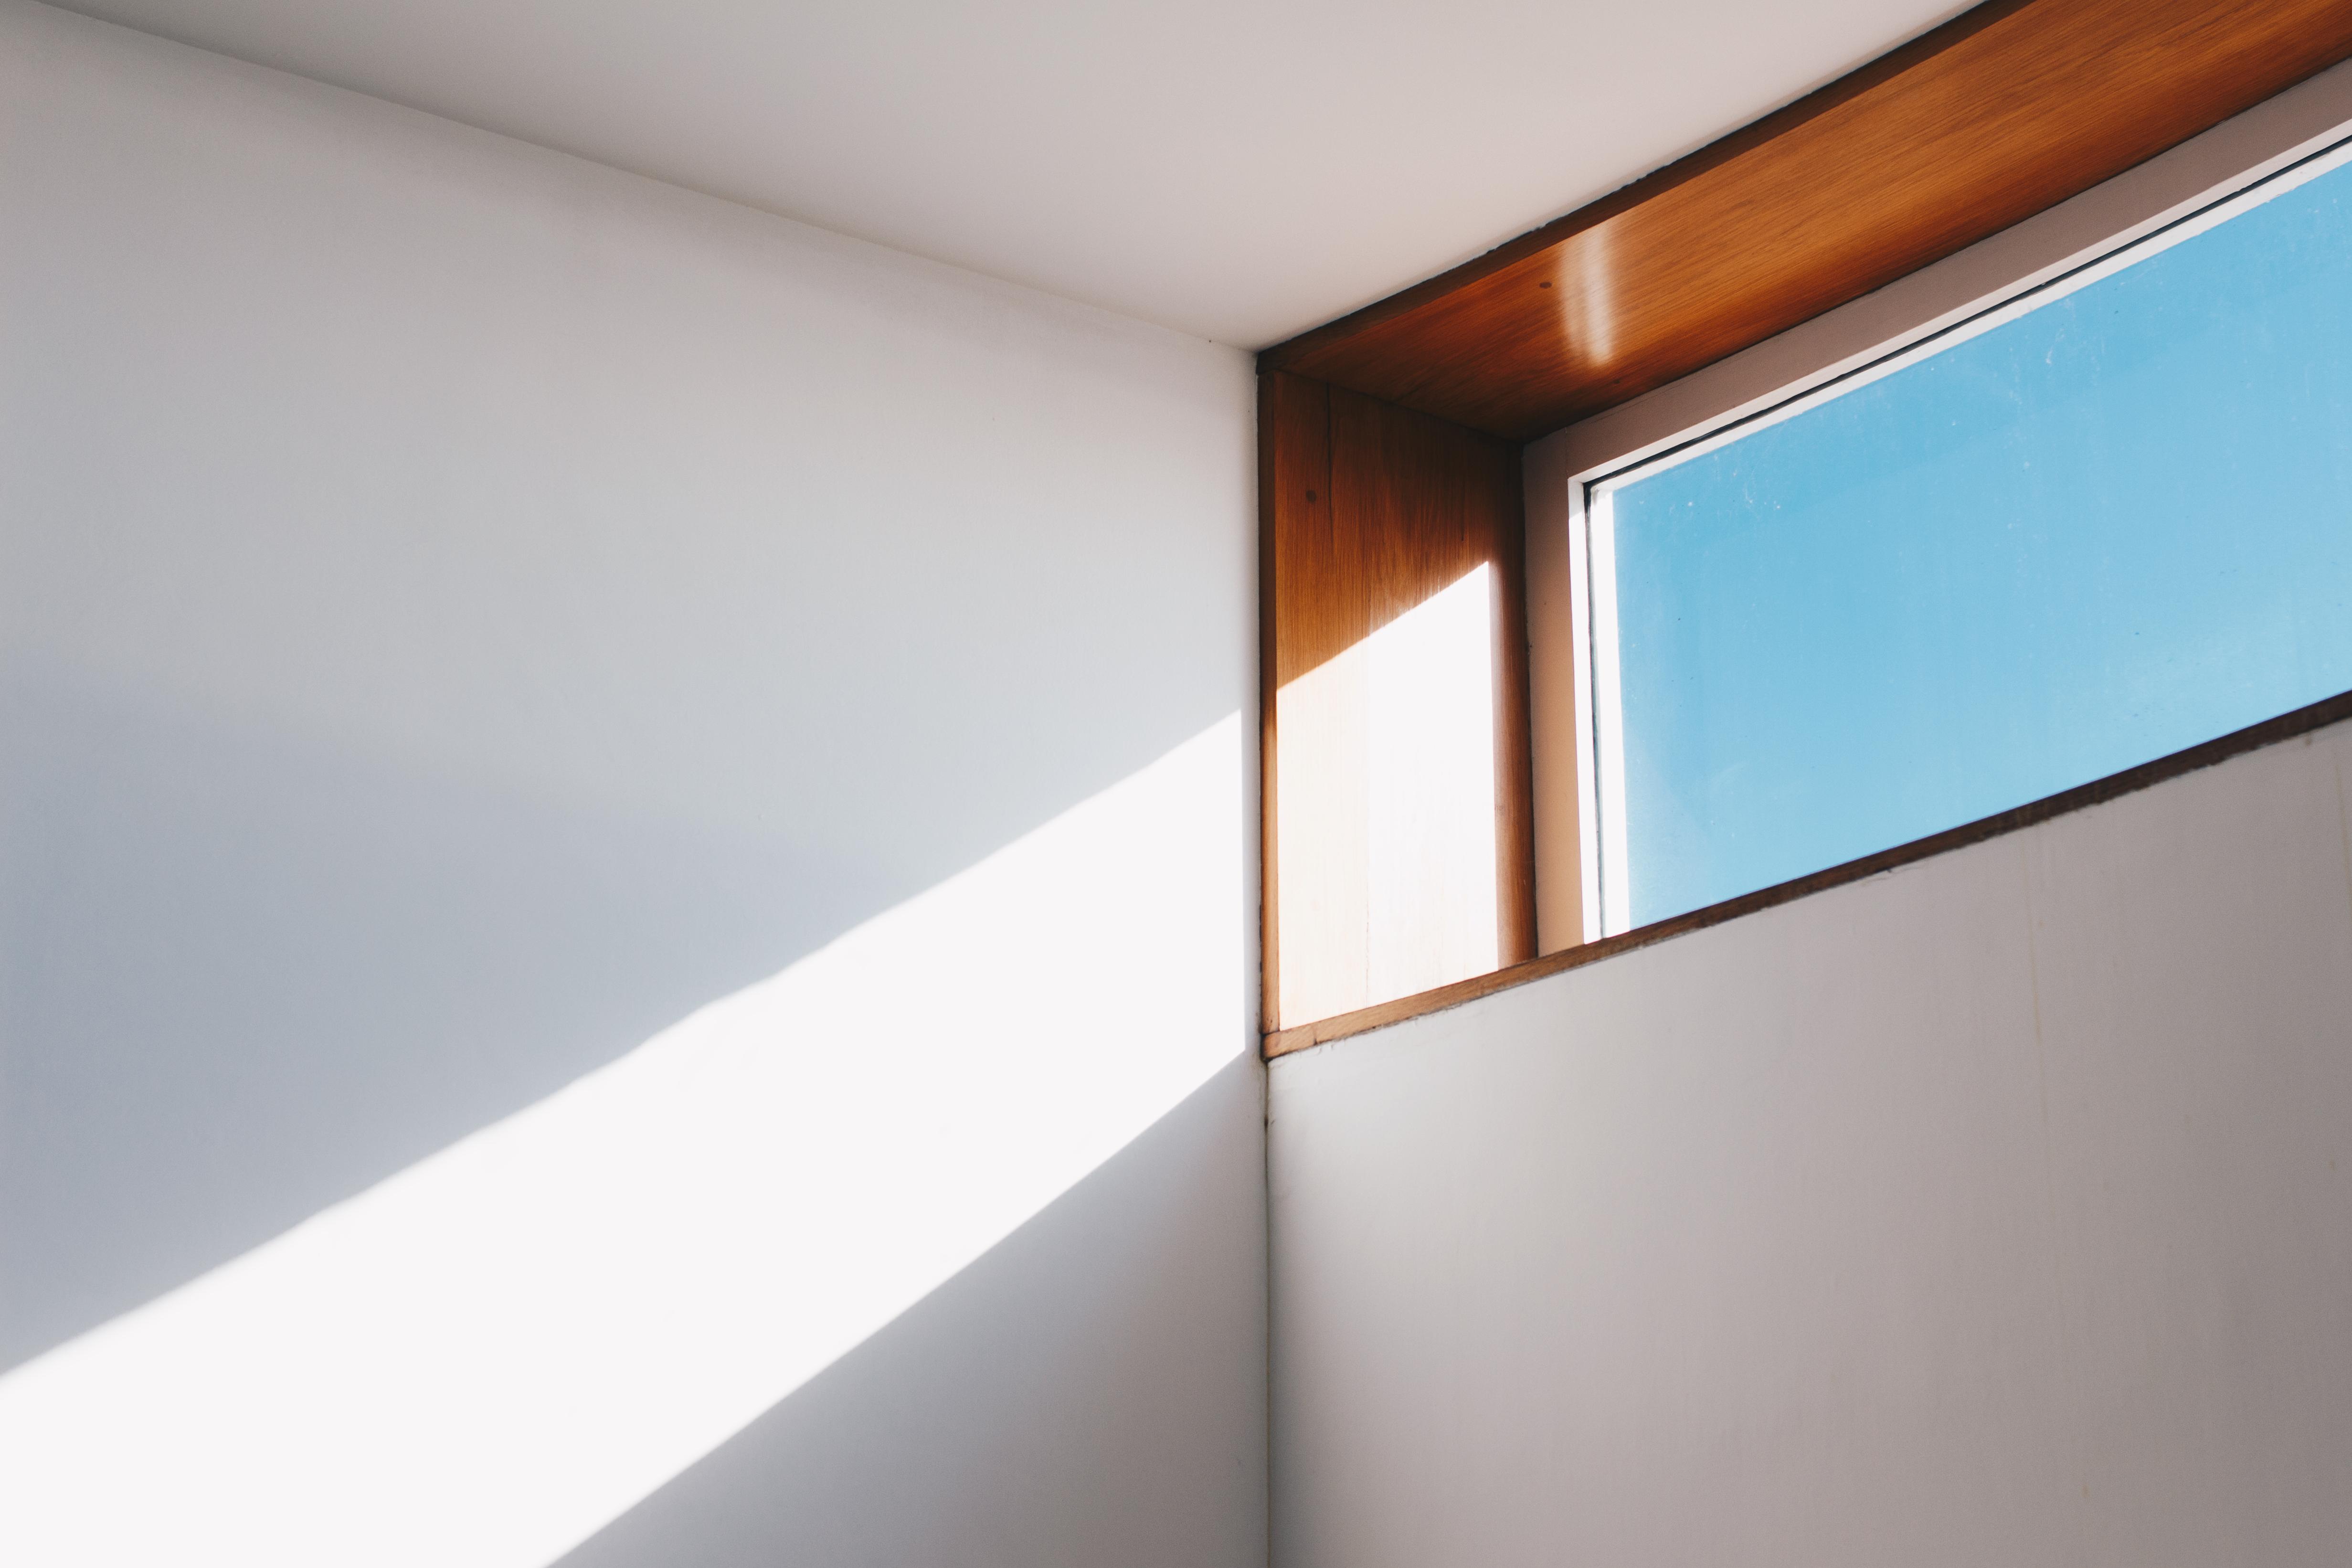 Full Size of Fenster Holz Alu Kosten Holz Alu Fenster Kunststofffenster Erfahrungen Preise Pro M2 Kunststoff Aluminium Holz Aluminium Preisunterschied Preisvergleich Preis Fenster Fenster Holz Alu